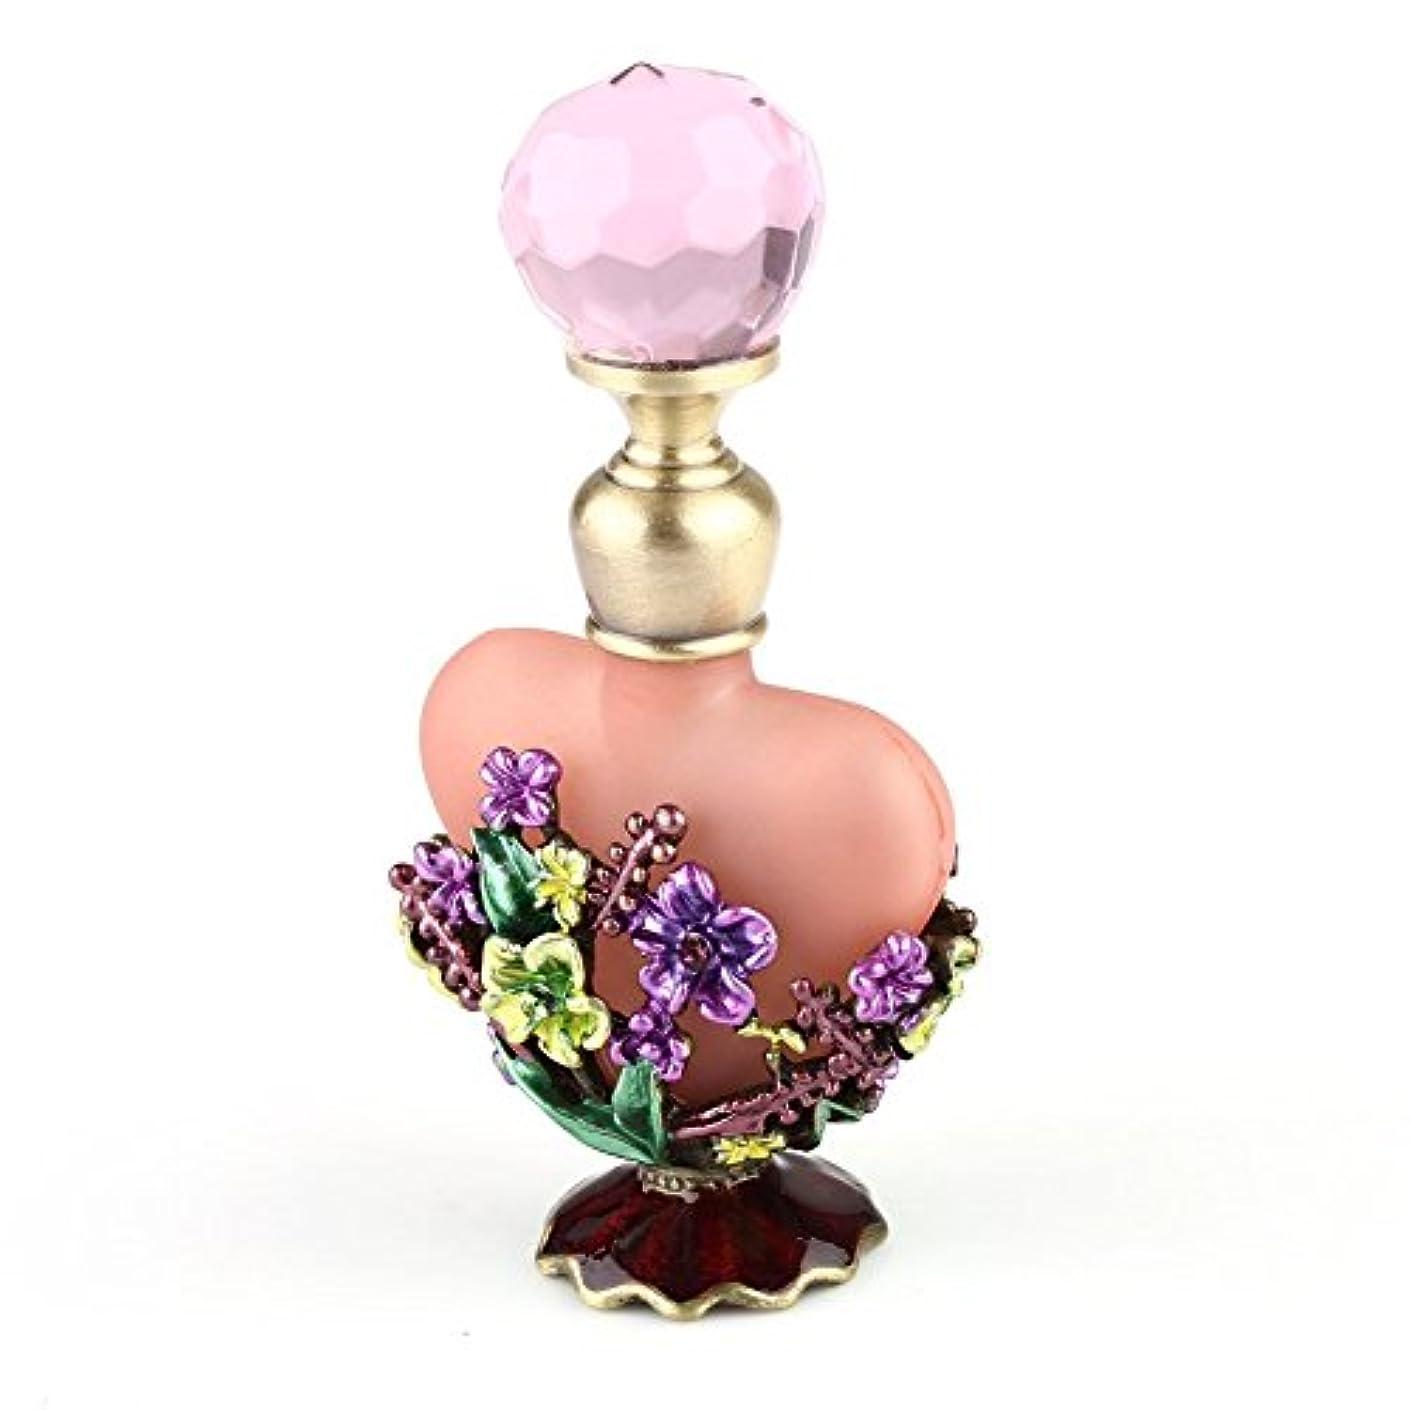 支援コンテスト損傷VERY100 高品質 美しい香水瓶/アロマボトル 5ML ピンク アロマオイル用瓶 綺麗アンティーク調フラワーデザイン プレゼント 結婚式 飾り